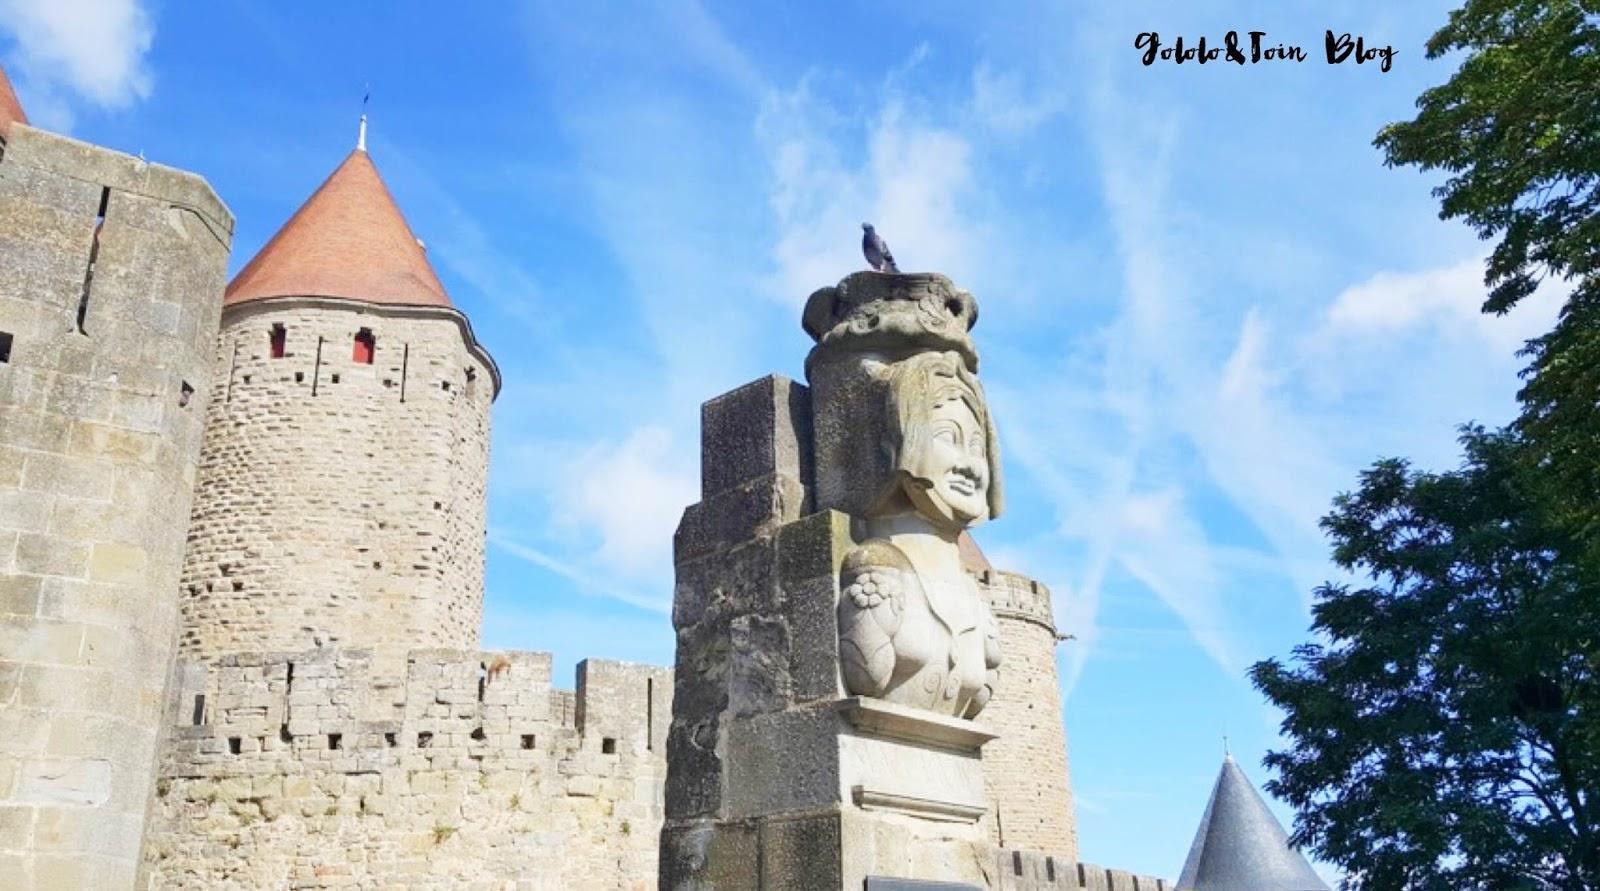 carcassonne-carcasona-princesa-carcas-entrada-puerta-narbona-viajes-con-niños-ciudad-medieval